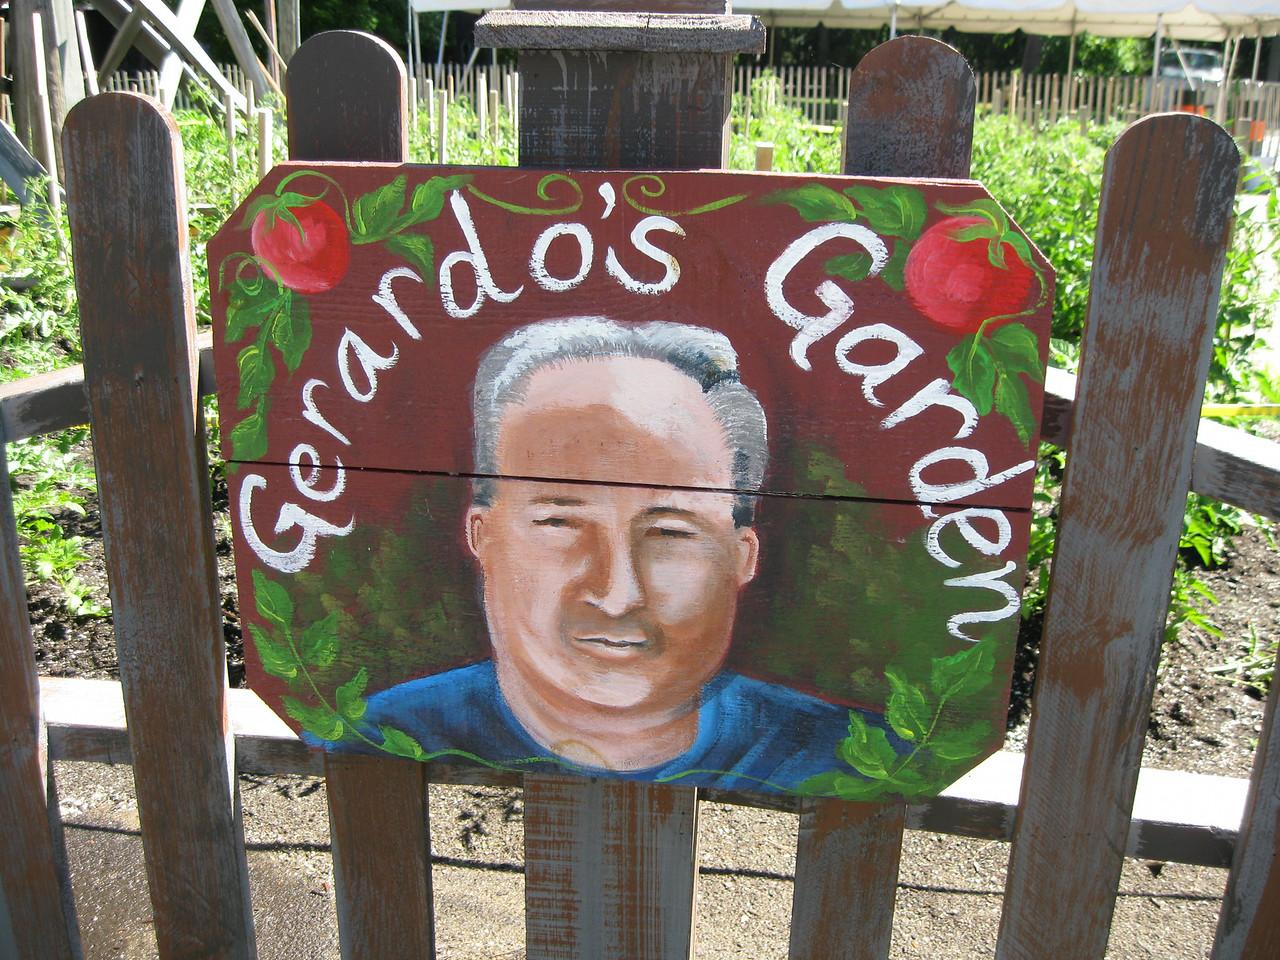 Gerardo's Garden sign.